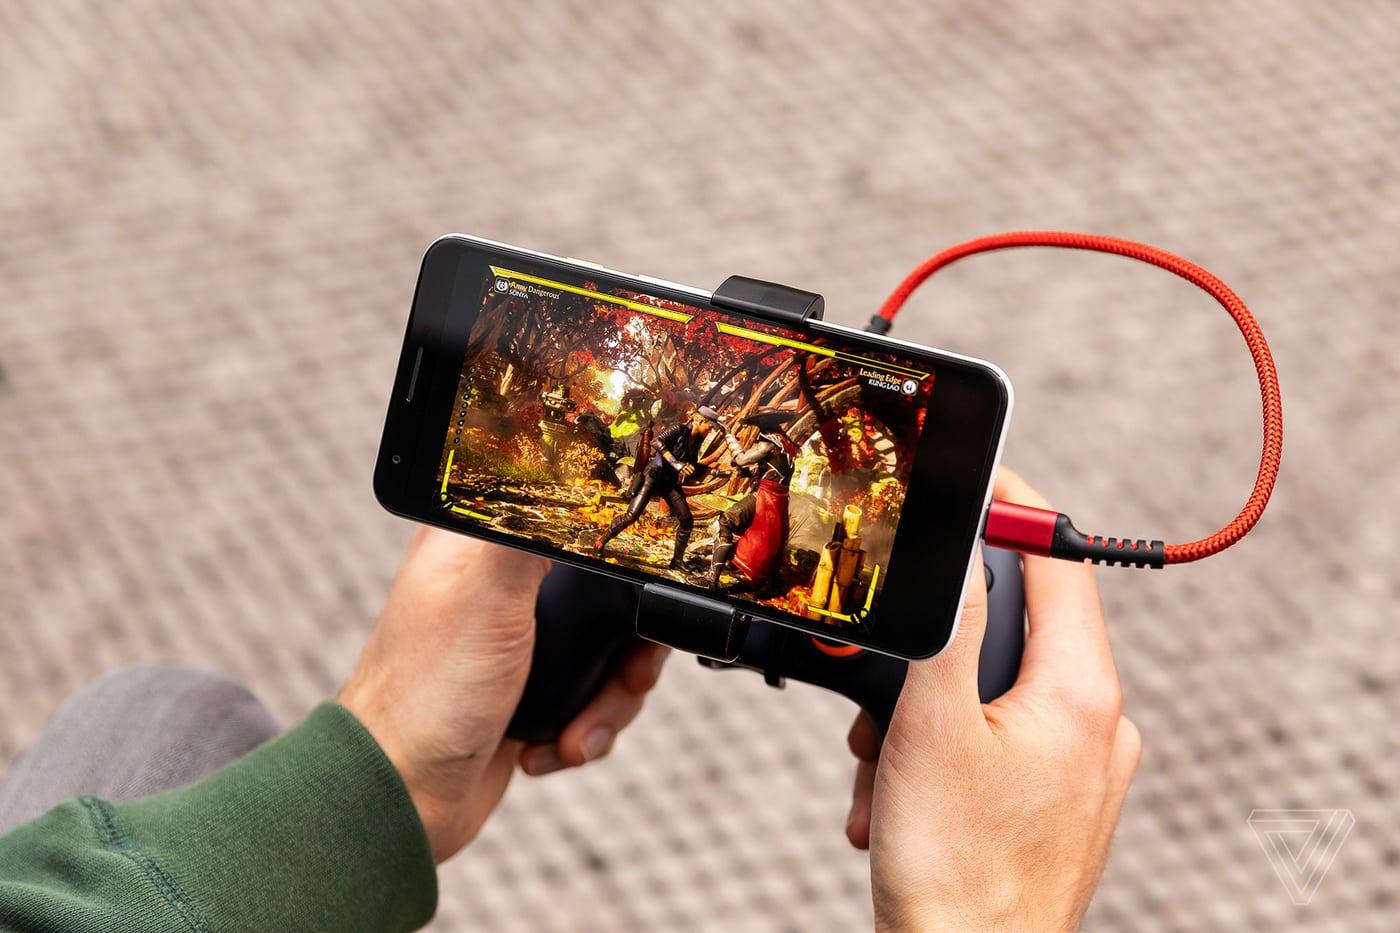 Google Stadia sẽ có mặt trên các dòng điện thoại của Samsung, Asus và Razer từ 20/2 tới